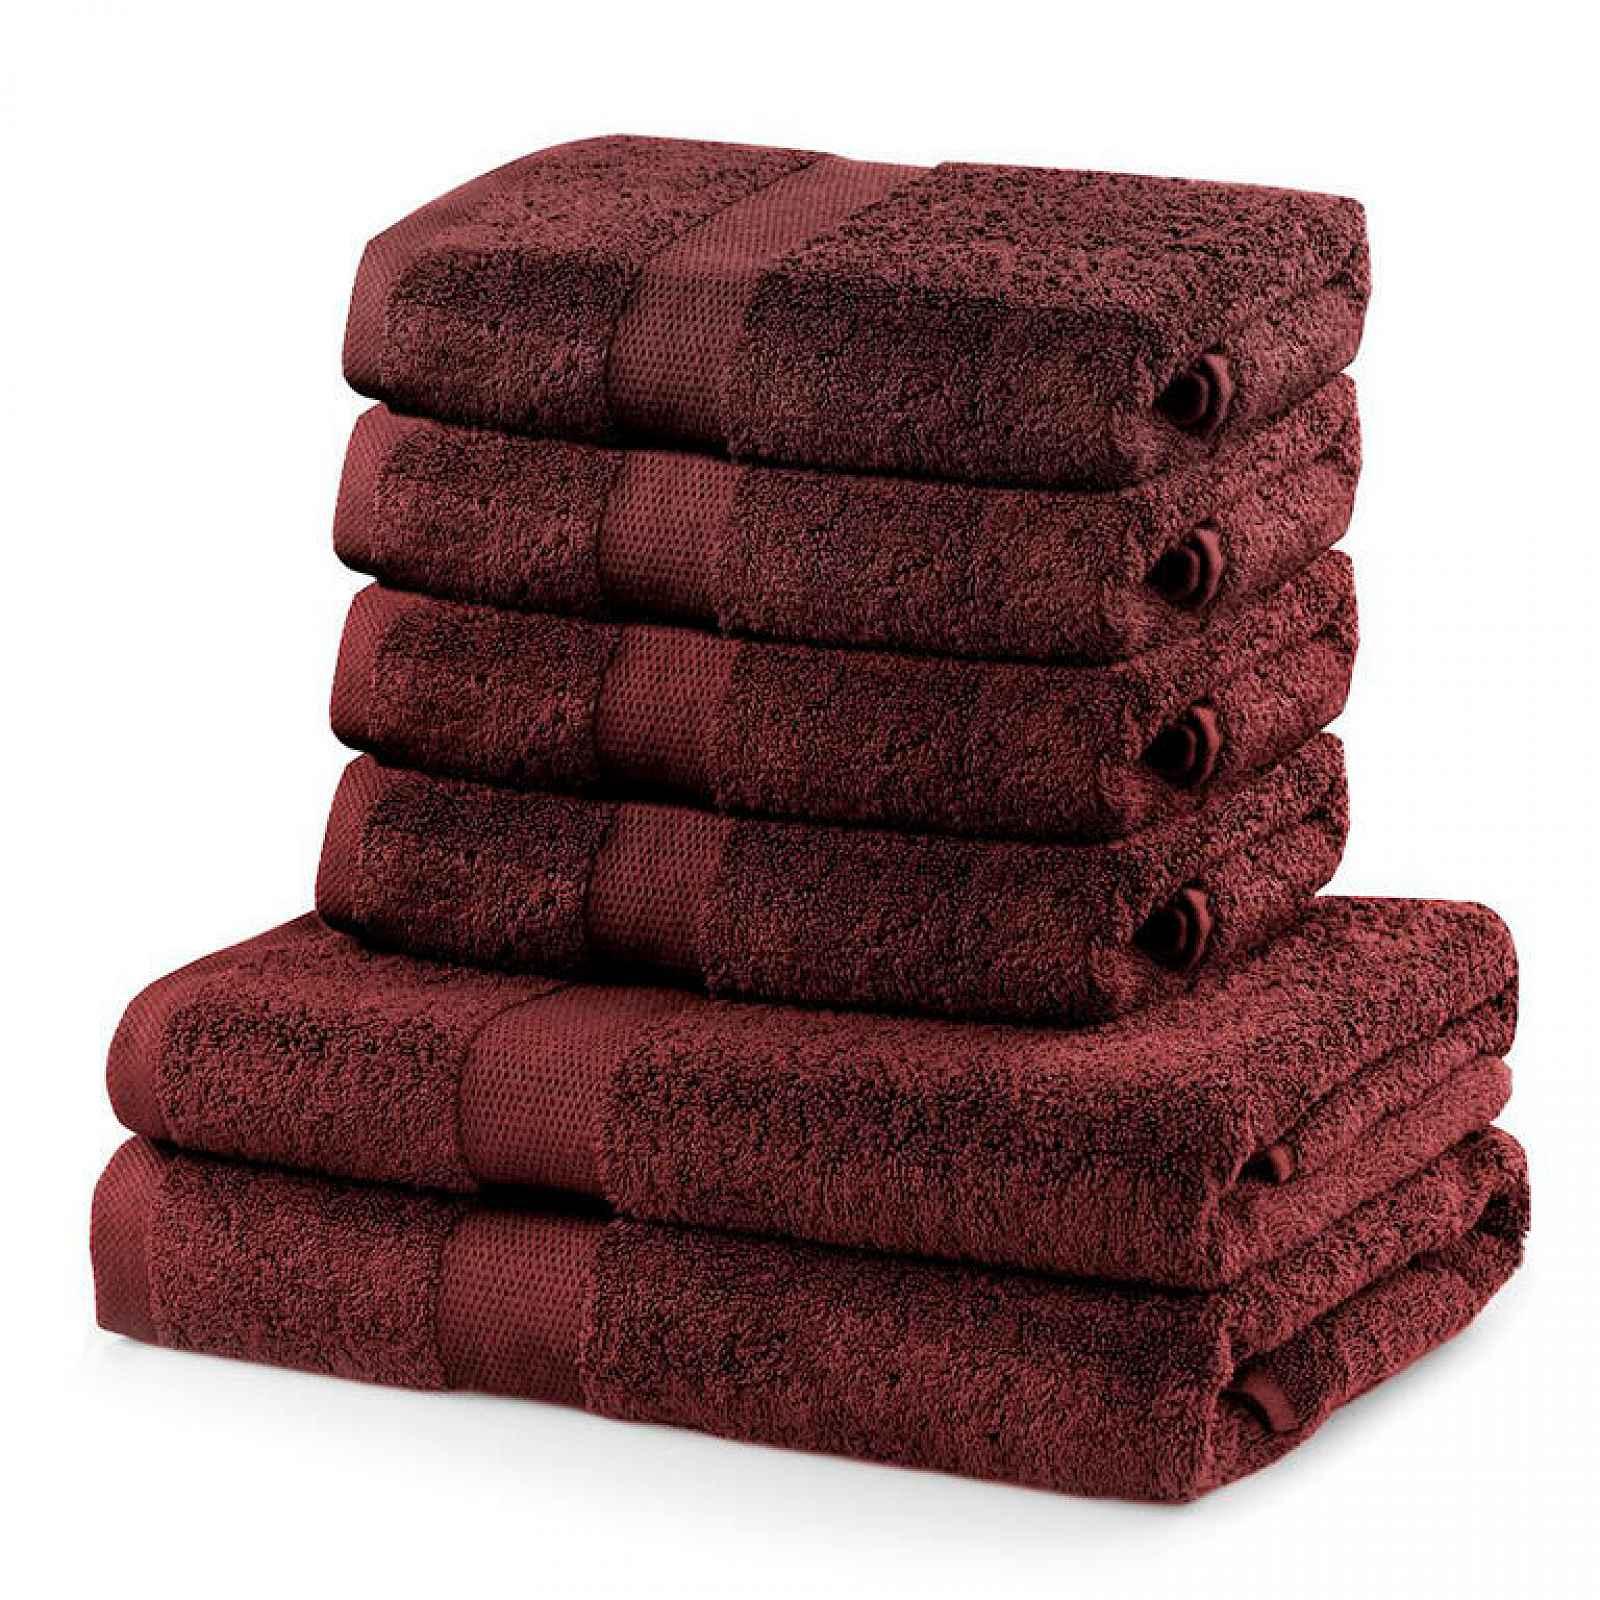 DecoKing Sada ručníků a osušek Marina červená, 4 ks 50 x 100 cm, 2 ks 70 x 140 cm DecoKing Sada ručníků a osušek Marina hnědát, 4 ks 50 x 100 cm, 2 ks 70 x 140 cm